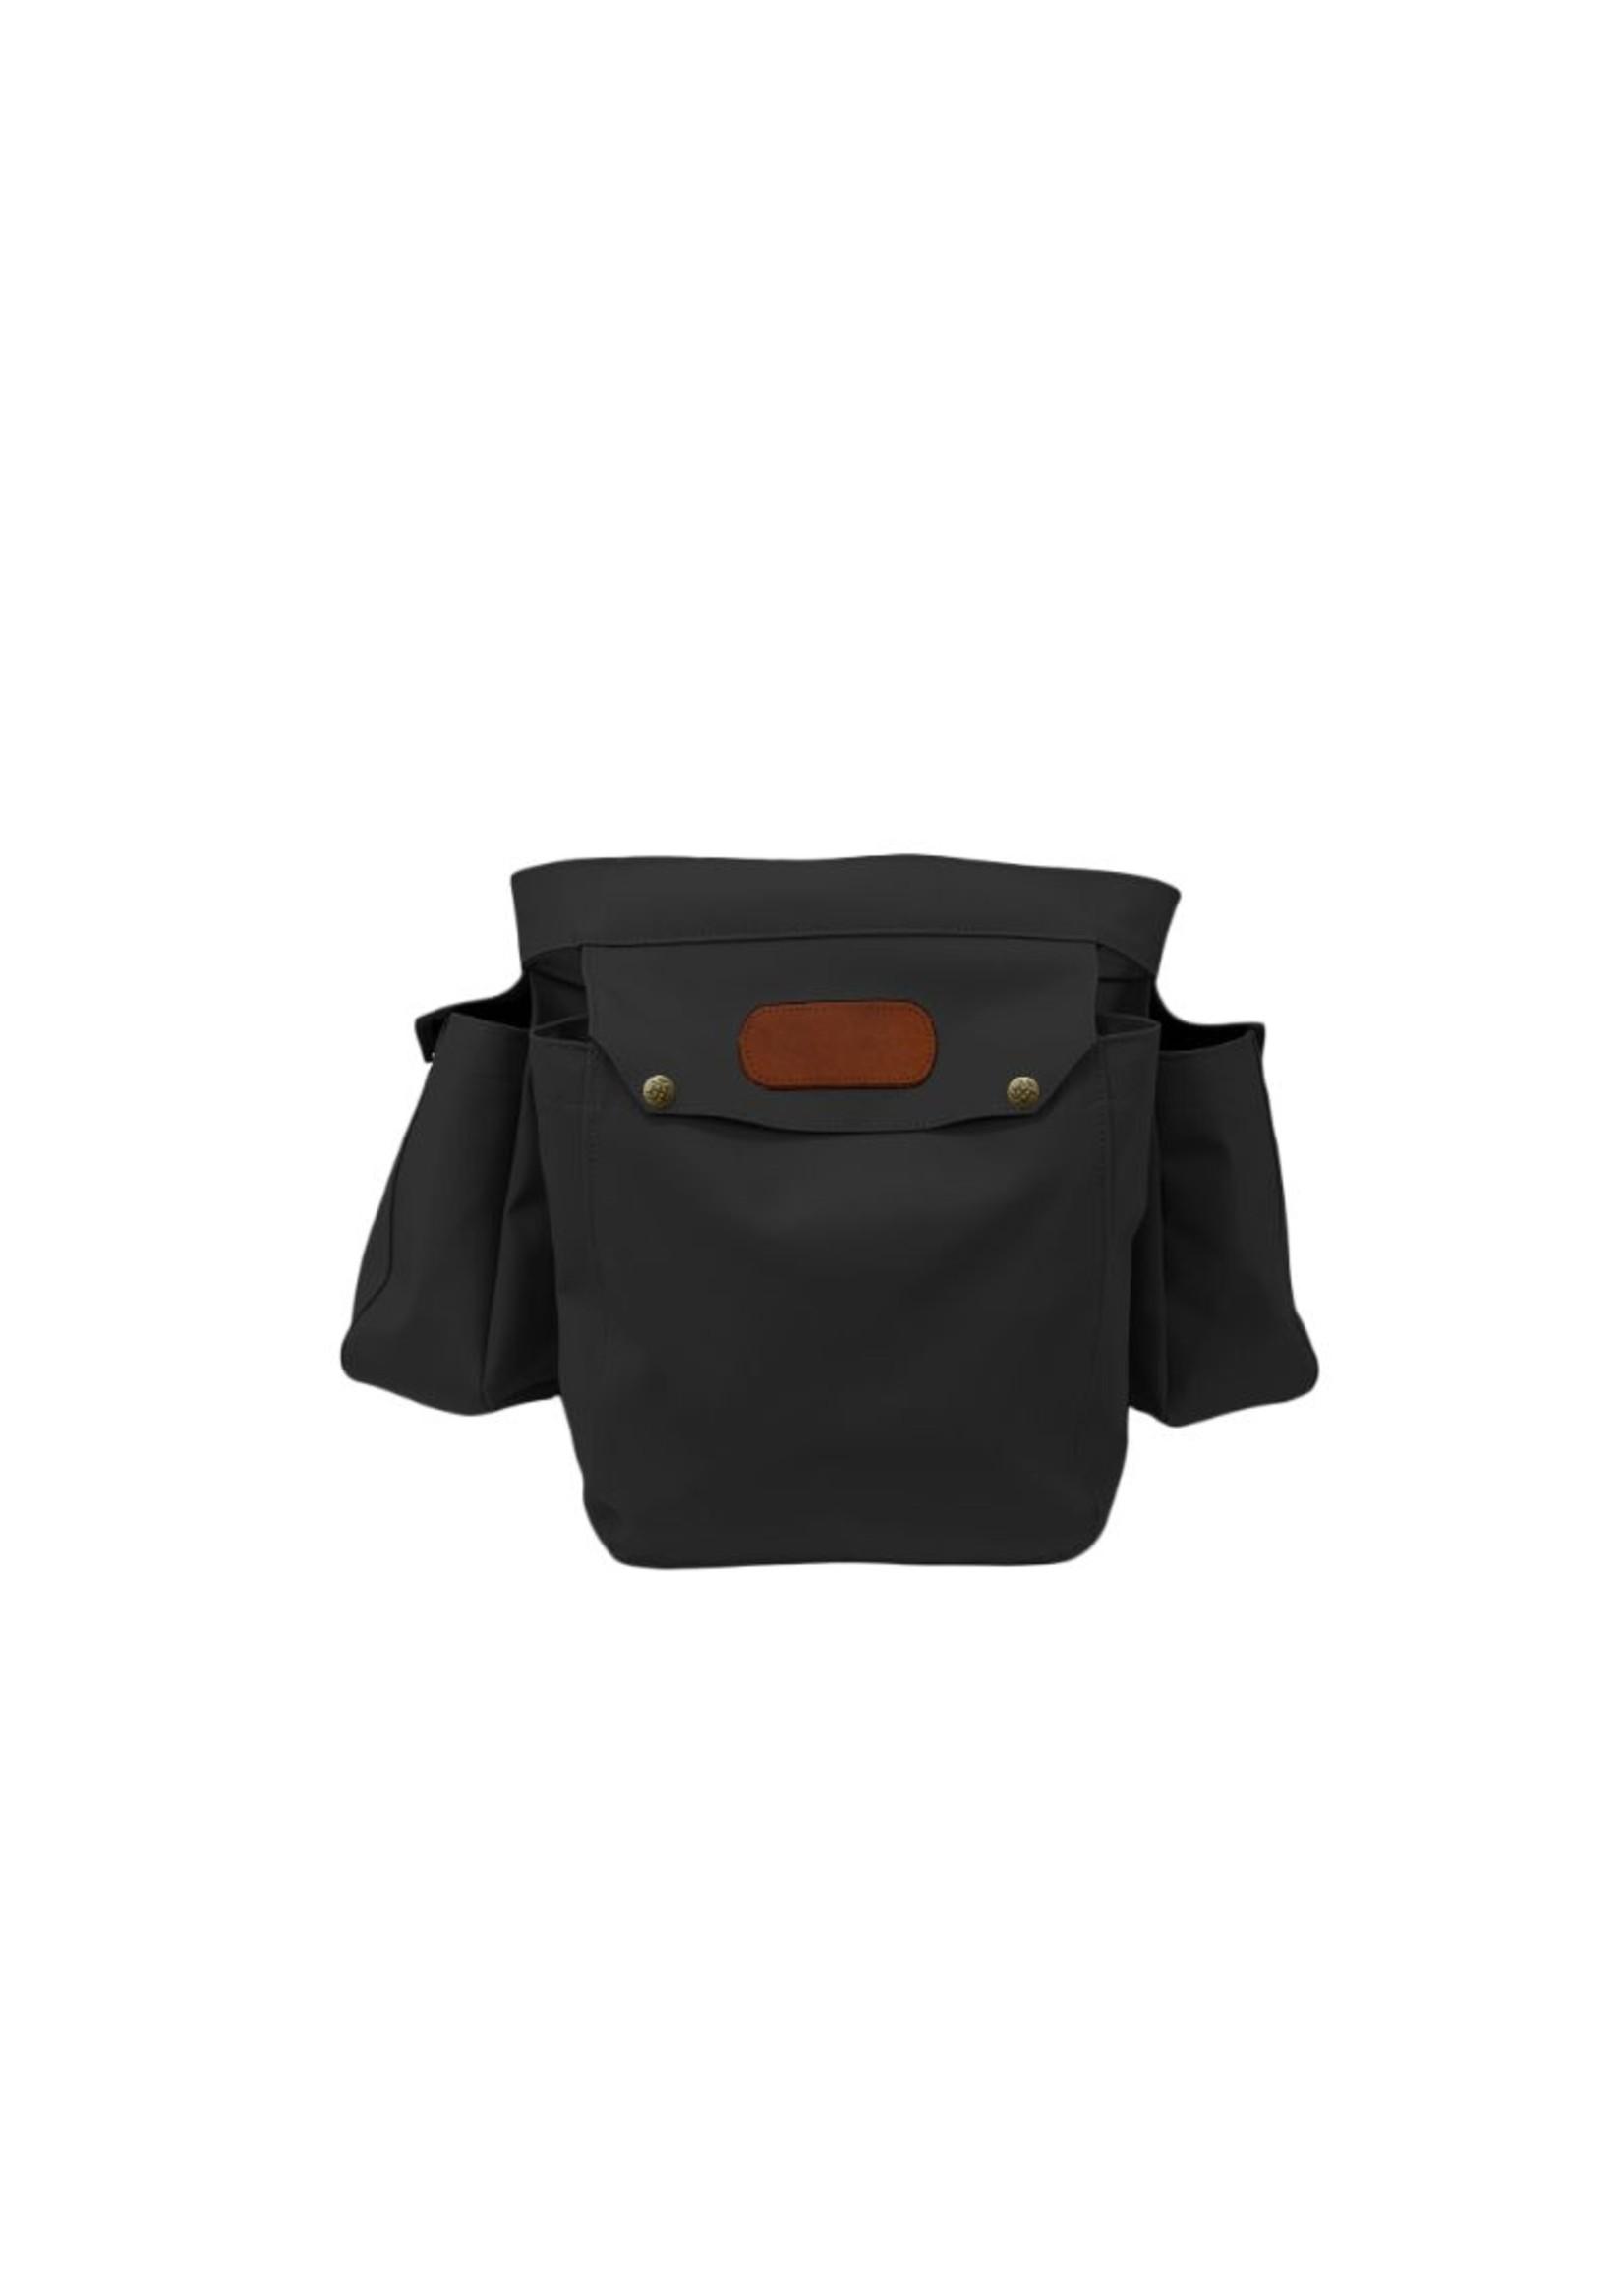 Jon Hart Bird Bag